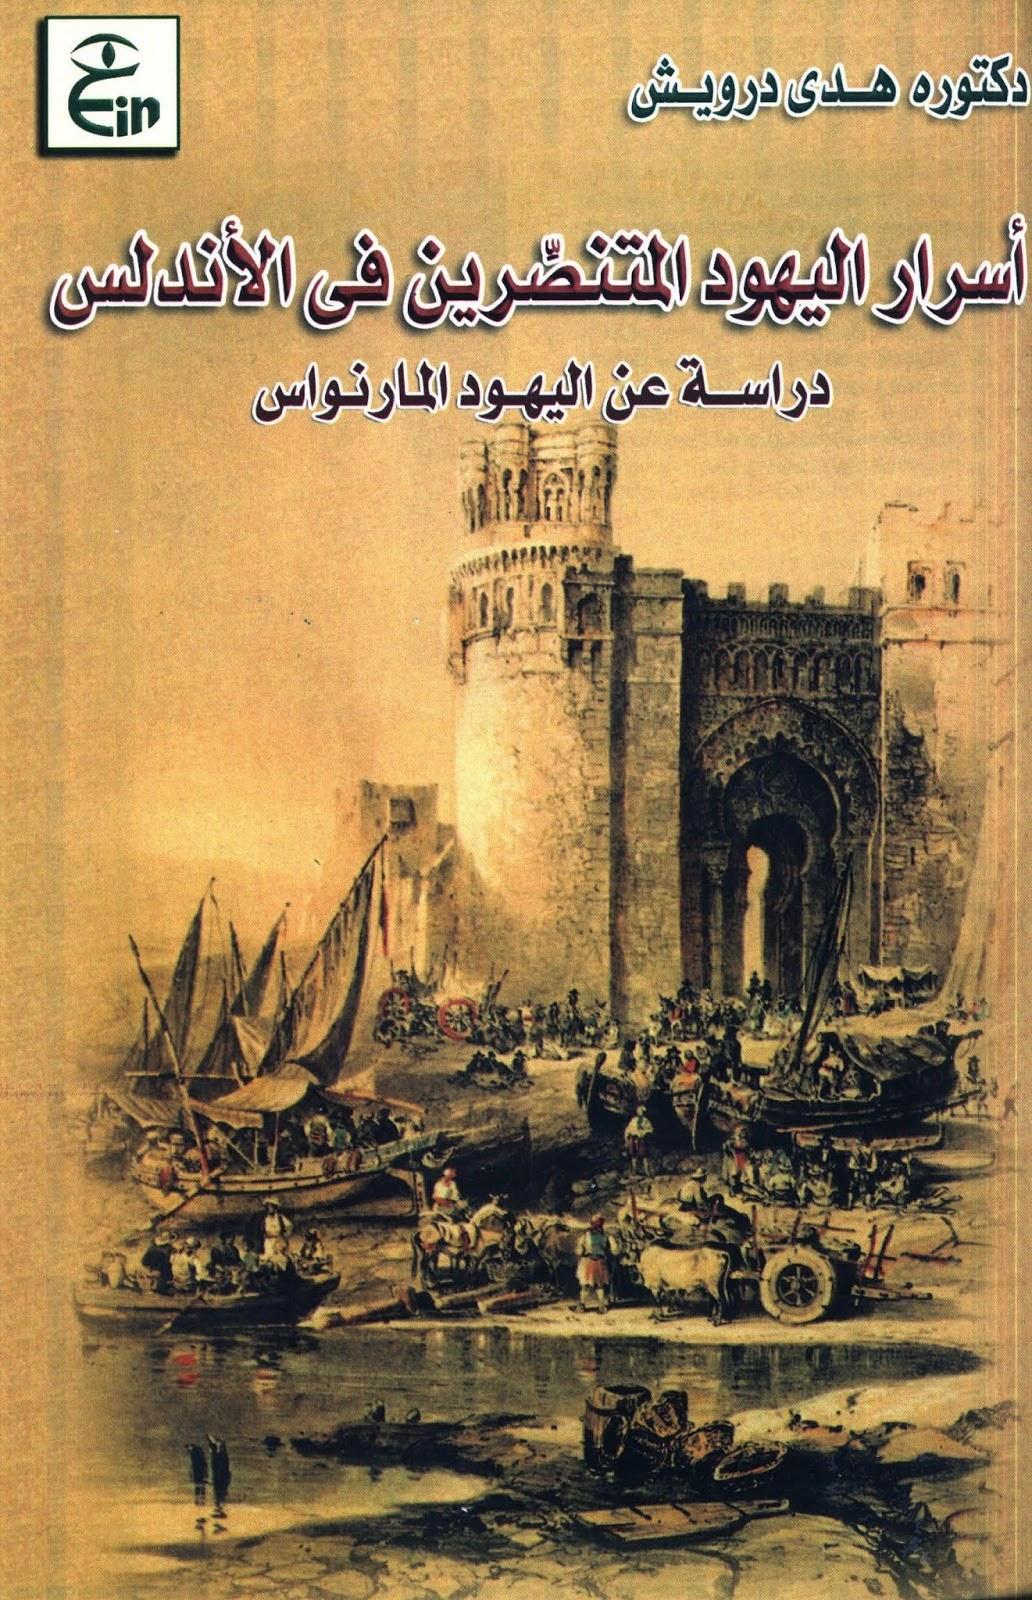 أسرار اليهود المتنصرين في الأندلس (دراسة عن اليهود المارنواس) لـ هدى درويش